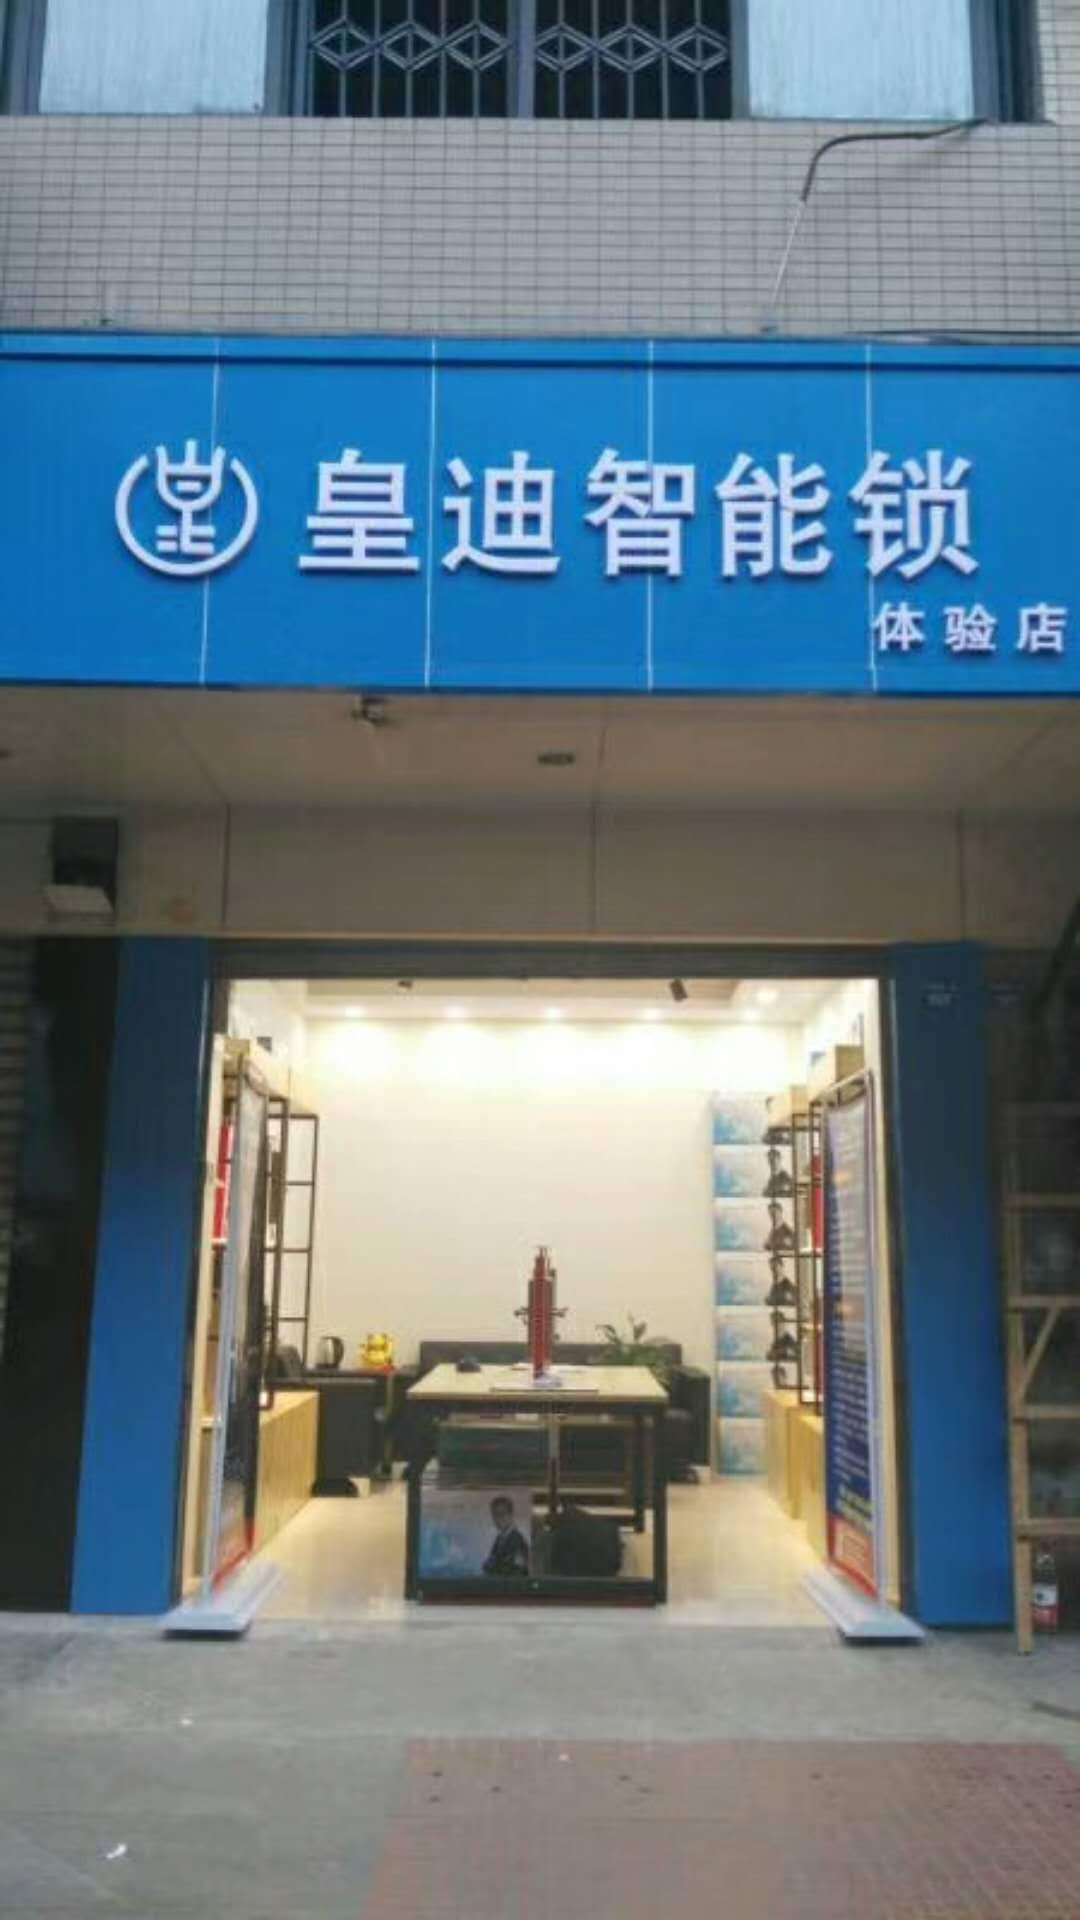 【客户案例】成都金牛区邓先生马到功成,成功新增皇迪智能体验馆